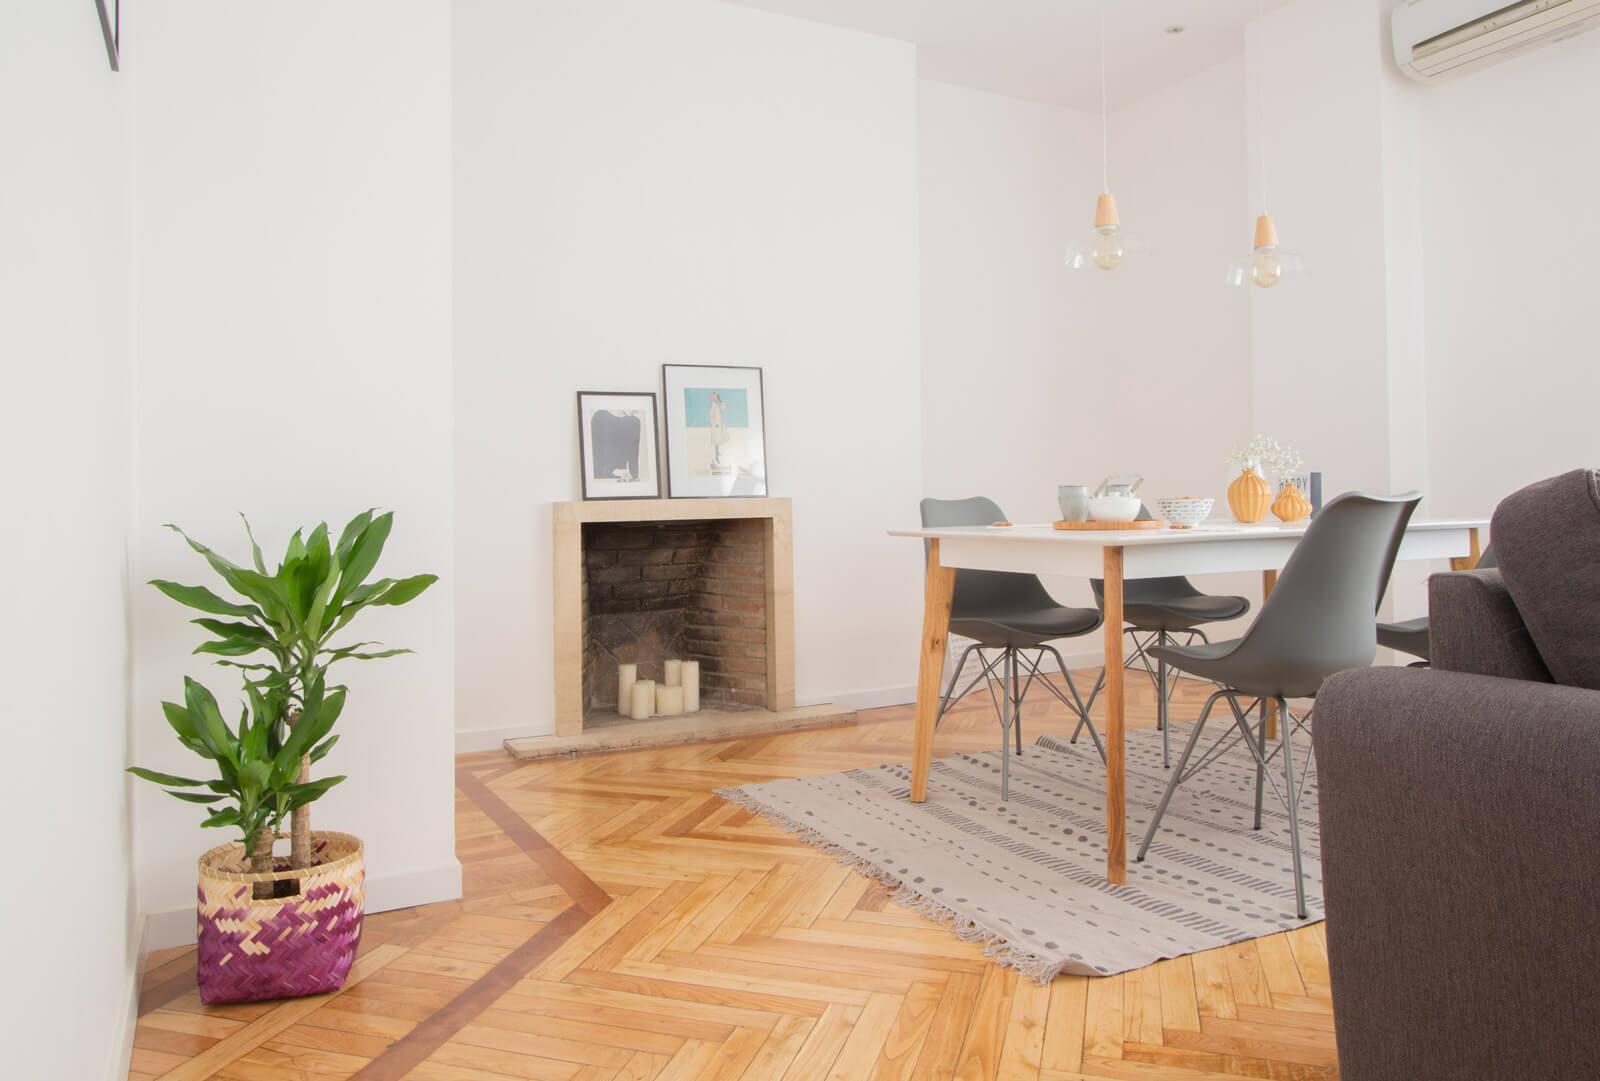 Luchana madrid r de room interiorismo y decoraci n for Estudios de interiorismo madrid